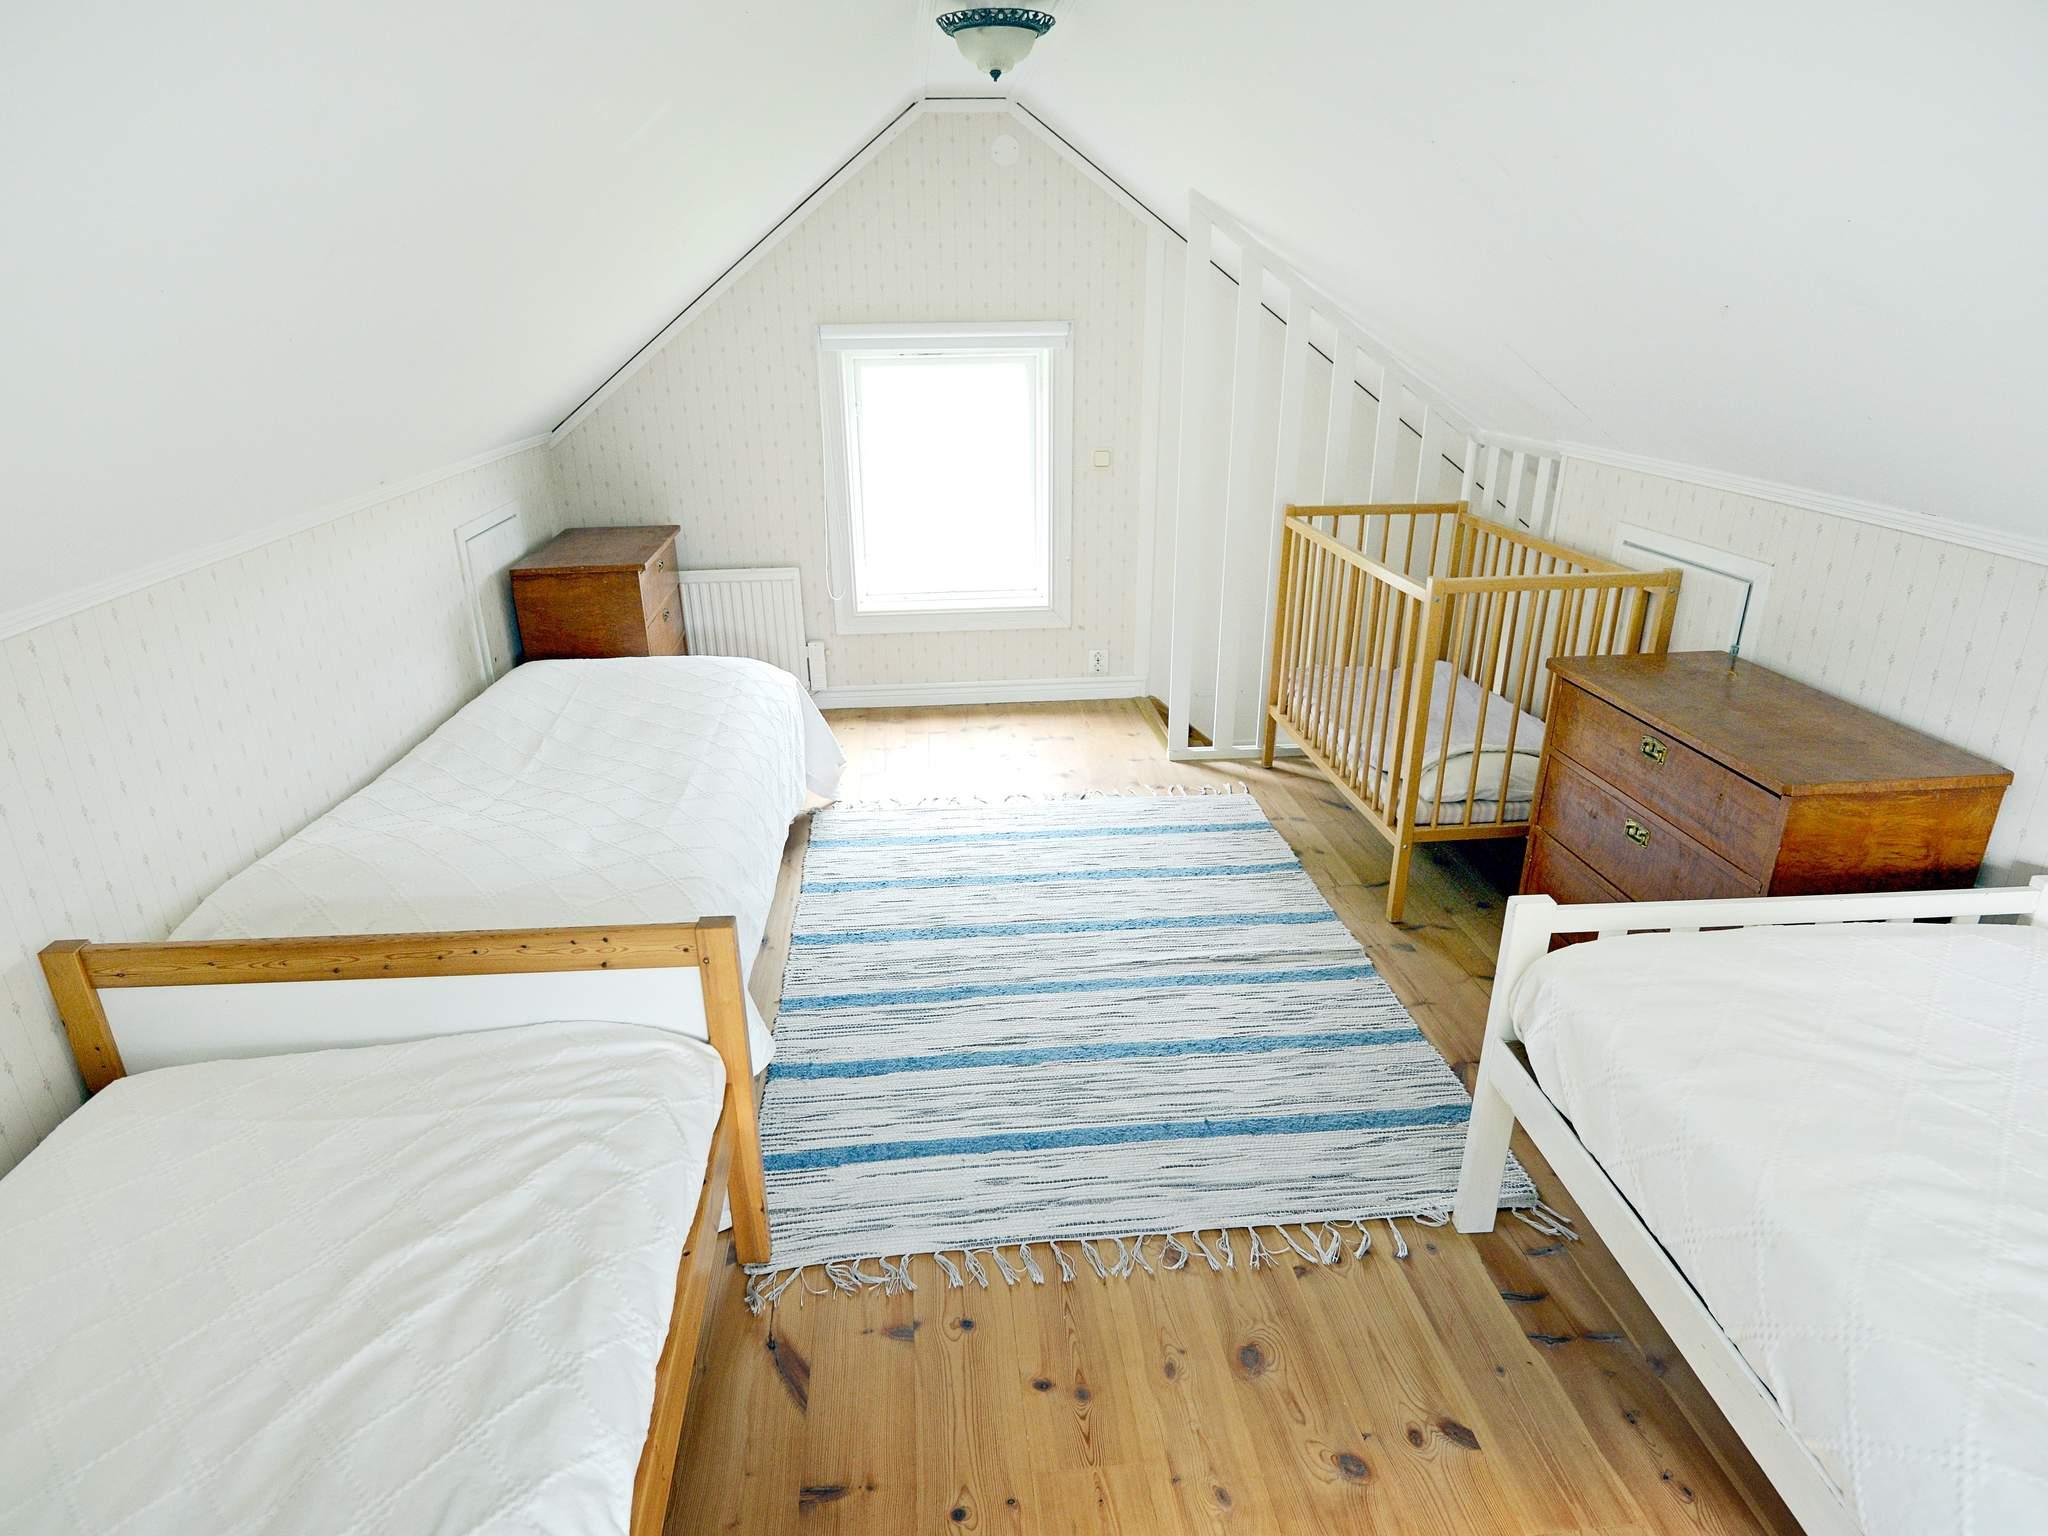 Ferienhaus Strängnäs (93280), Strängnäs, Södermanlands län, Mittelschweden, Schweden, Bild 10